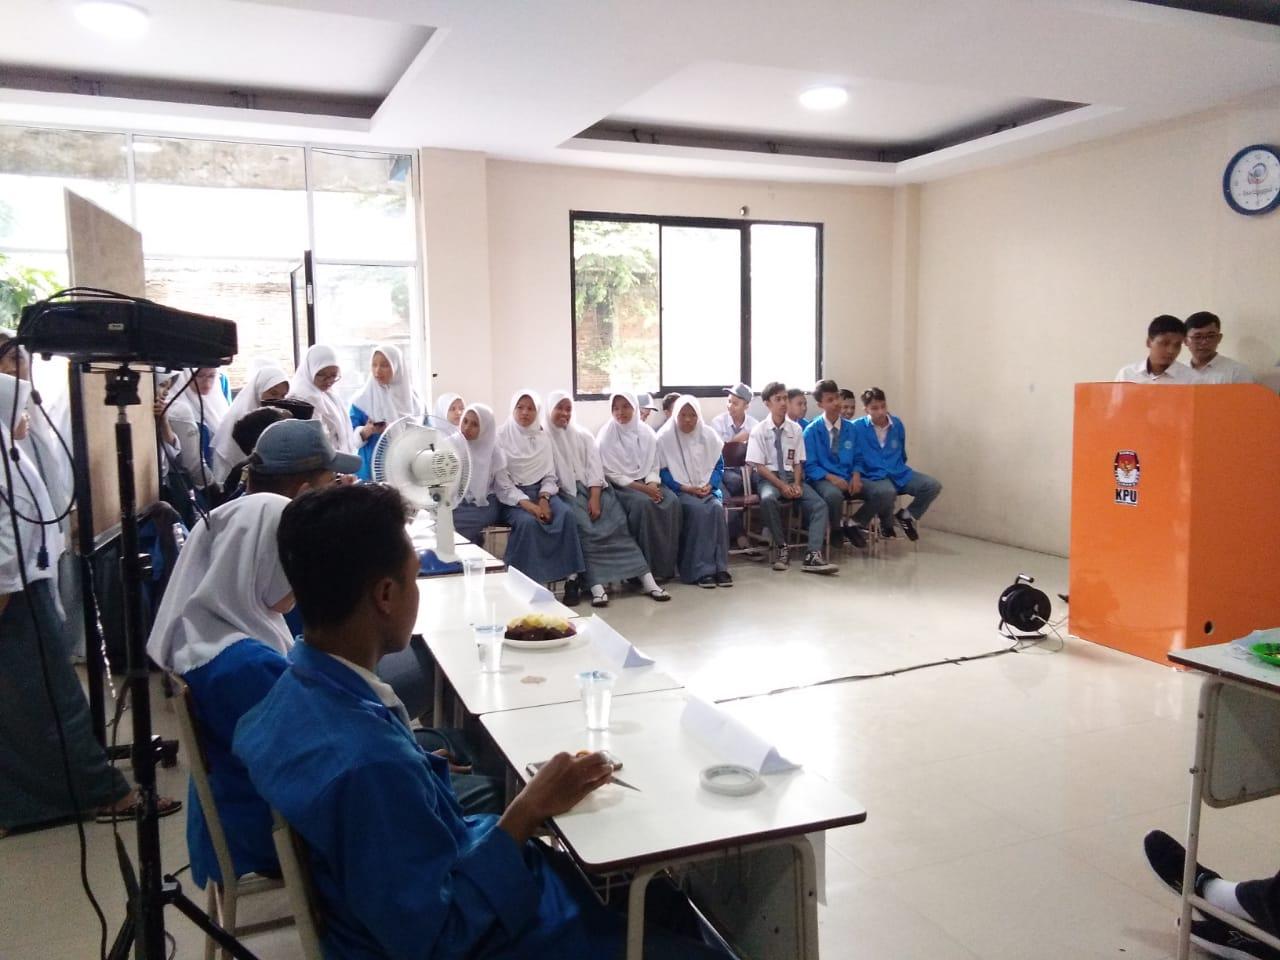 Kegiatan pemilihan Ketua Organisasi Siswa Intra Sekolah (OSIS) di SMK Bina An Ma'mur dengan cara e-voting (pemungutan suara secara online).